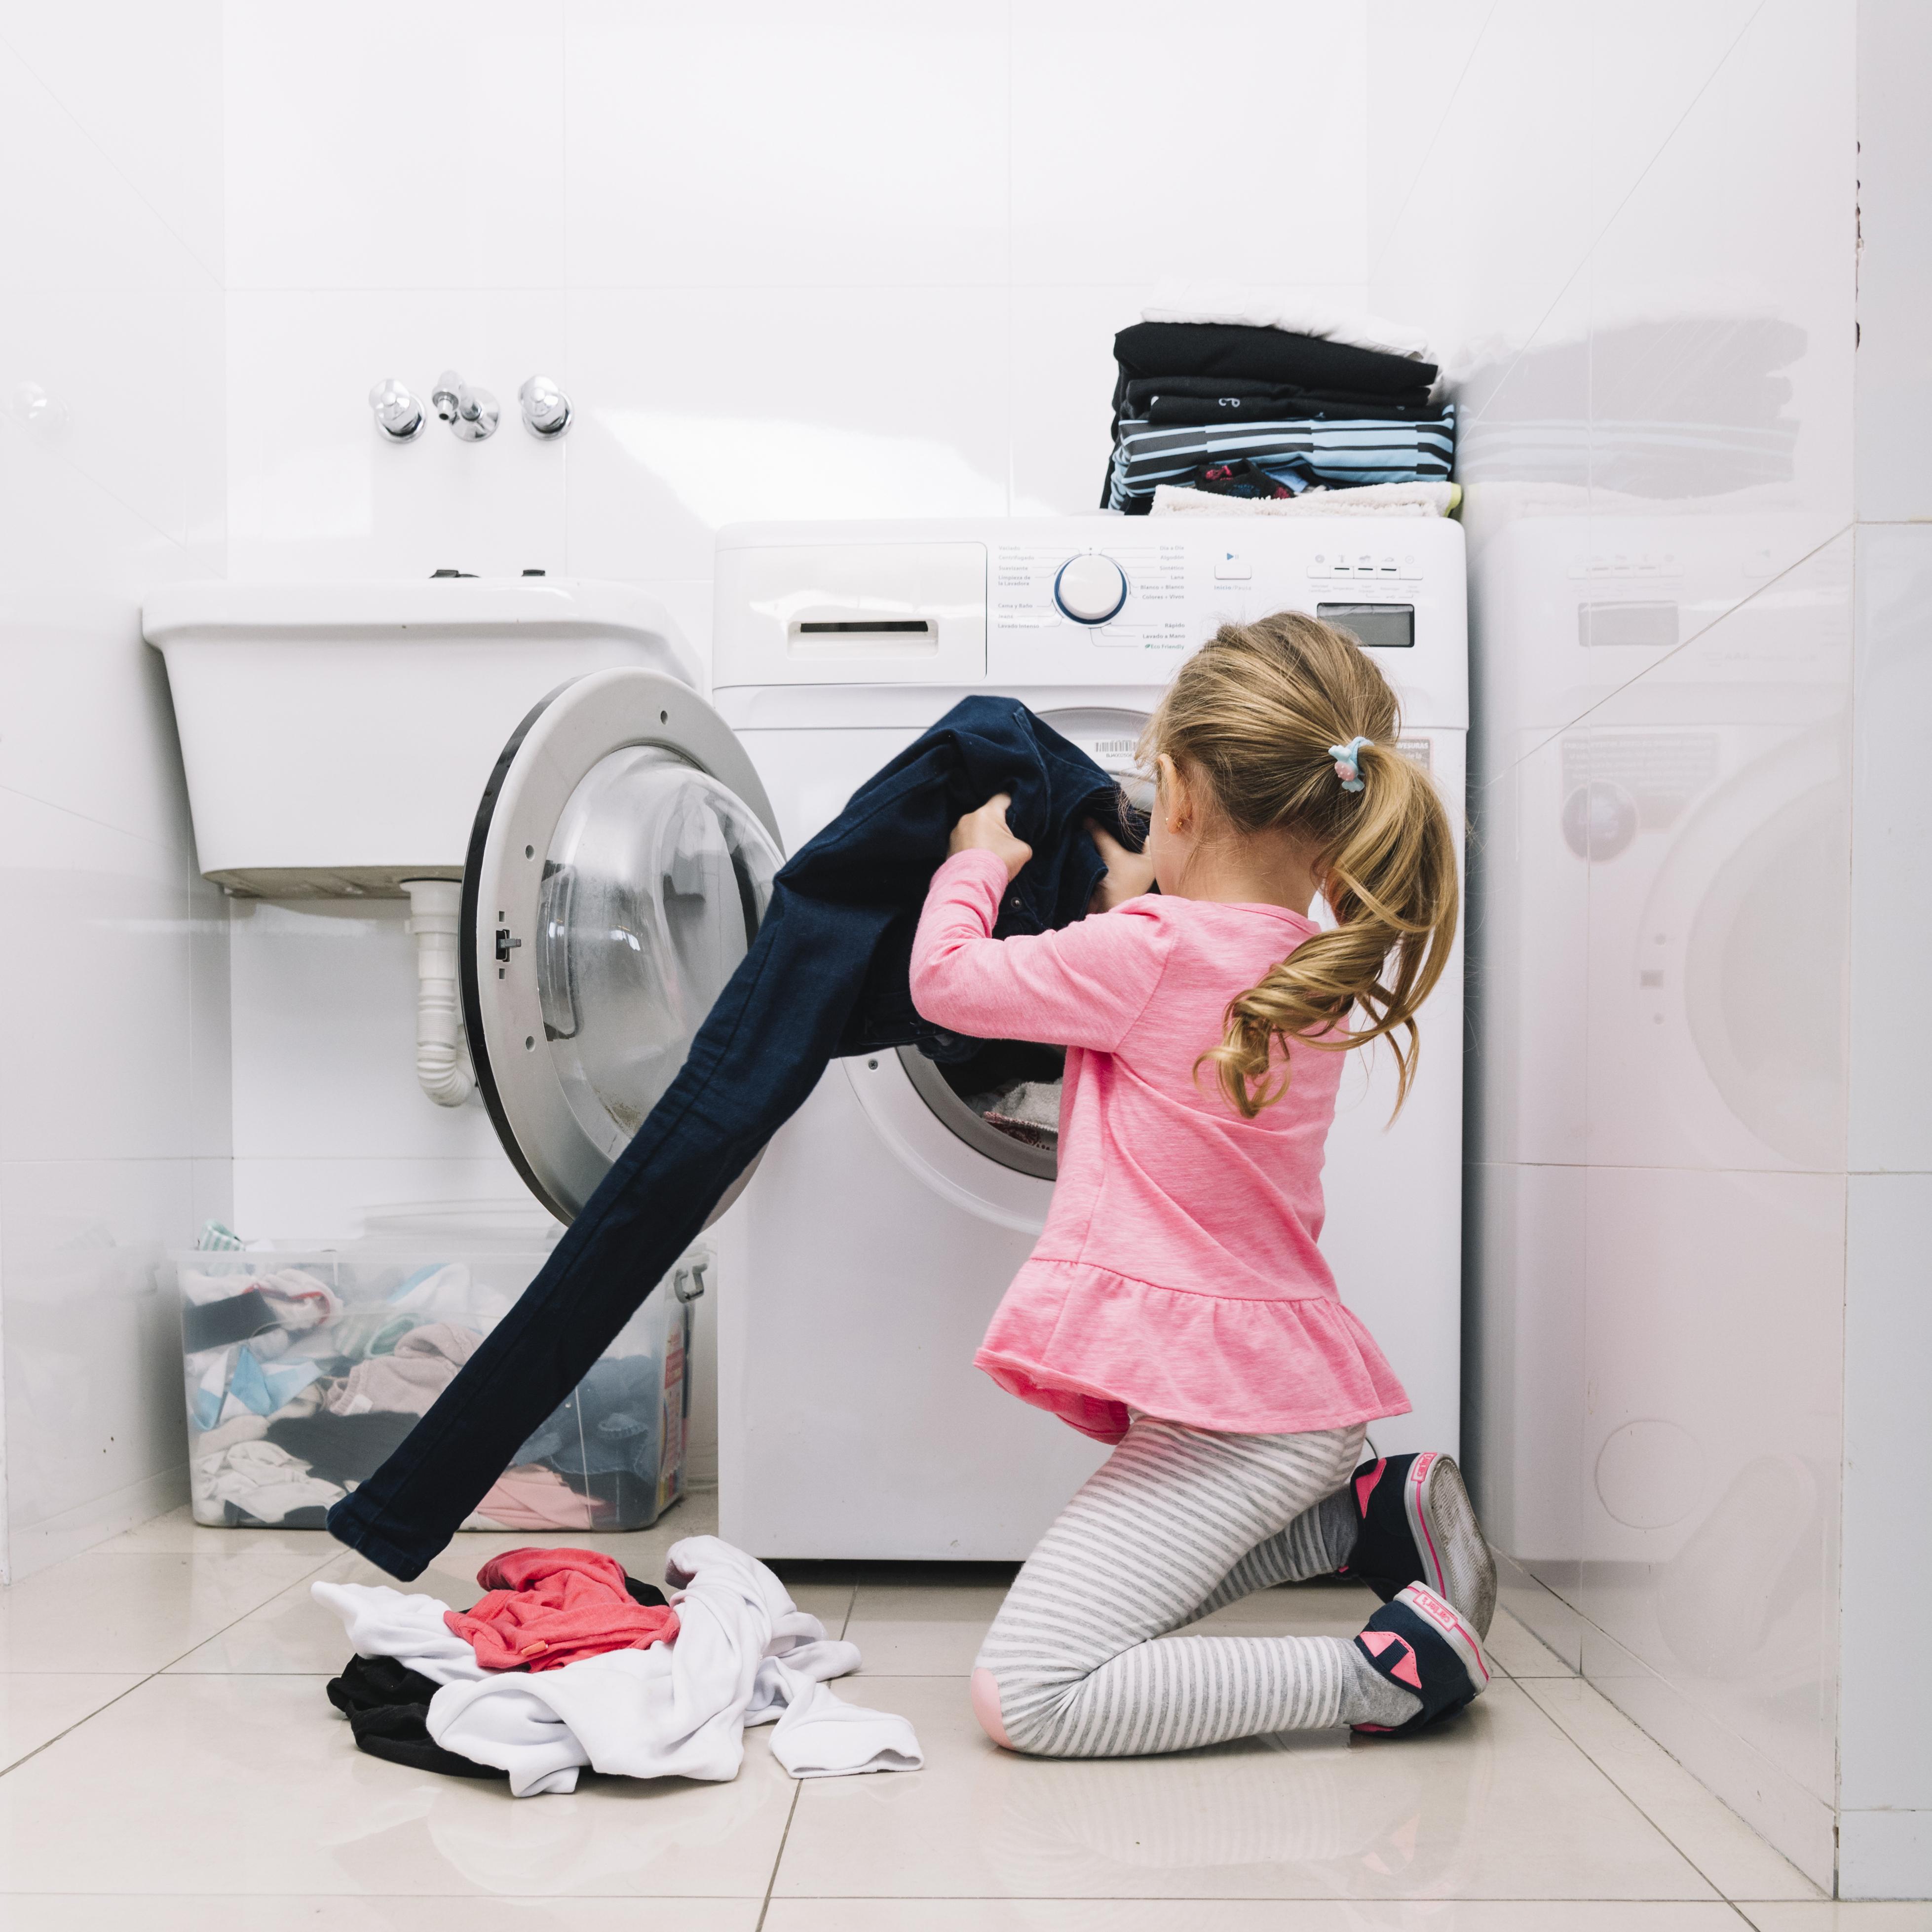 เครื่องซักผ้าที่บิ๊กซีและโลตัส